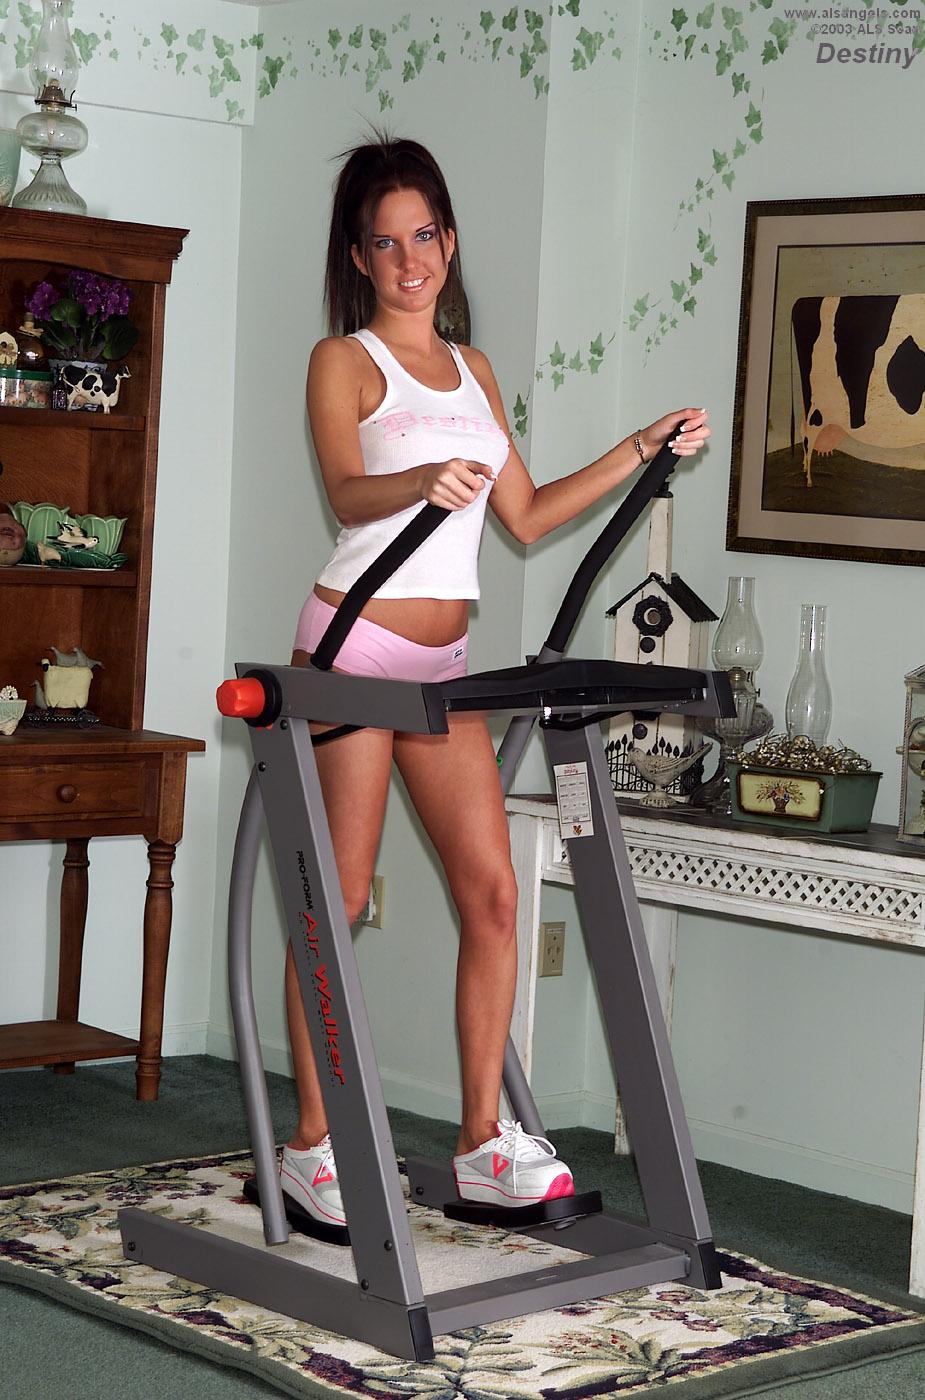 Destiny - Workout Babe Destiny Gives Cameltoe Then Strips